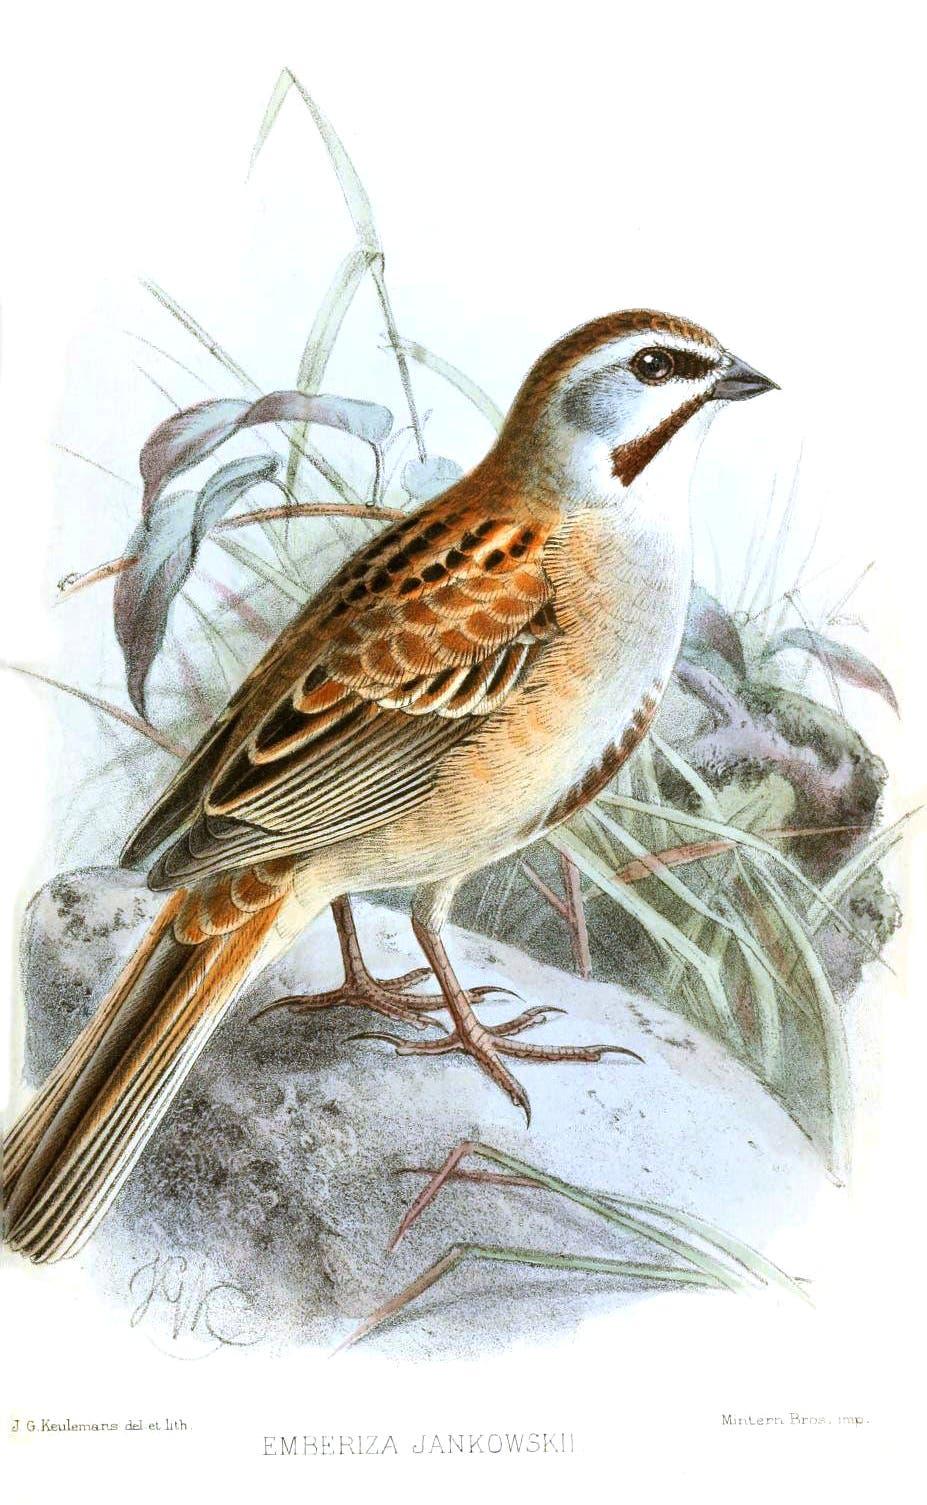 رسم تخيّلي للطائر الذي اكتشفه يانكوفسكي